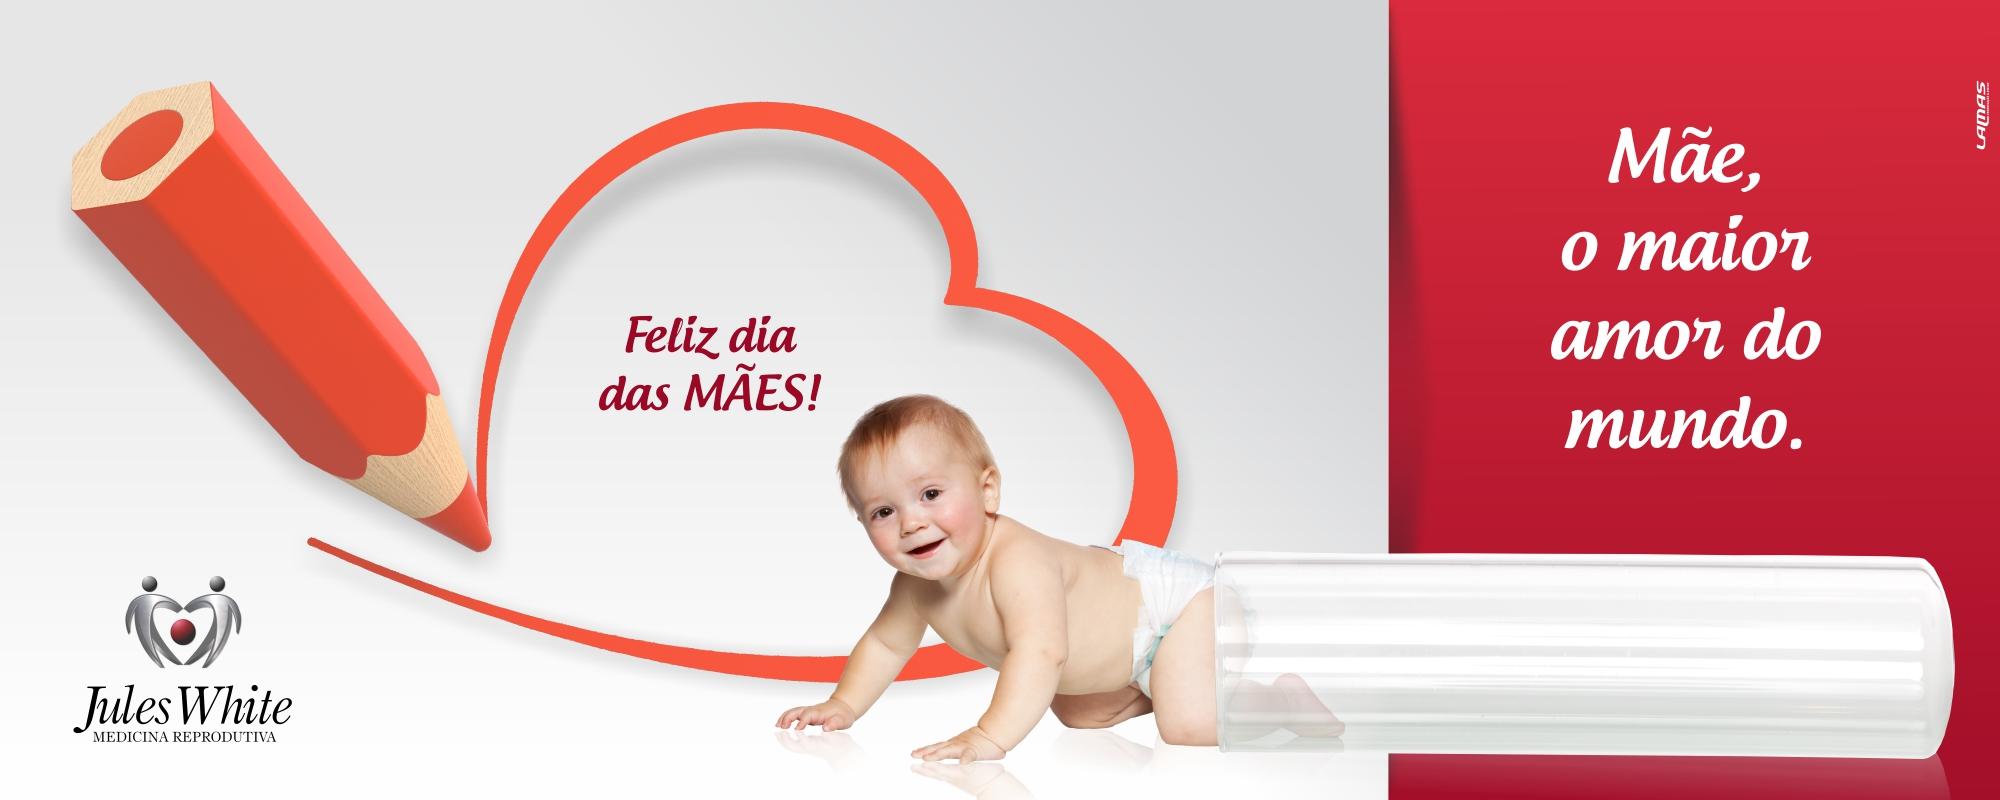 como-engravidar_infertilidade_fertilidade_infertilidade-feminina_infertilidade-masculina_quero-engravidar_jules-white_medicina-reprodutiva_anuncio-dia-das-mães_amor